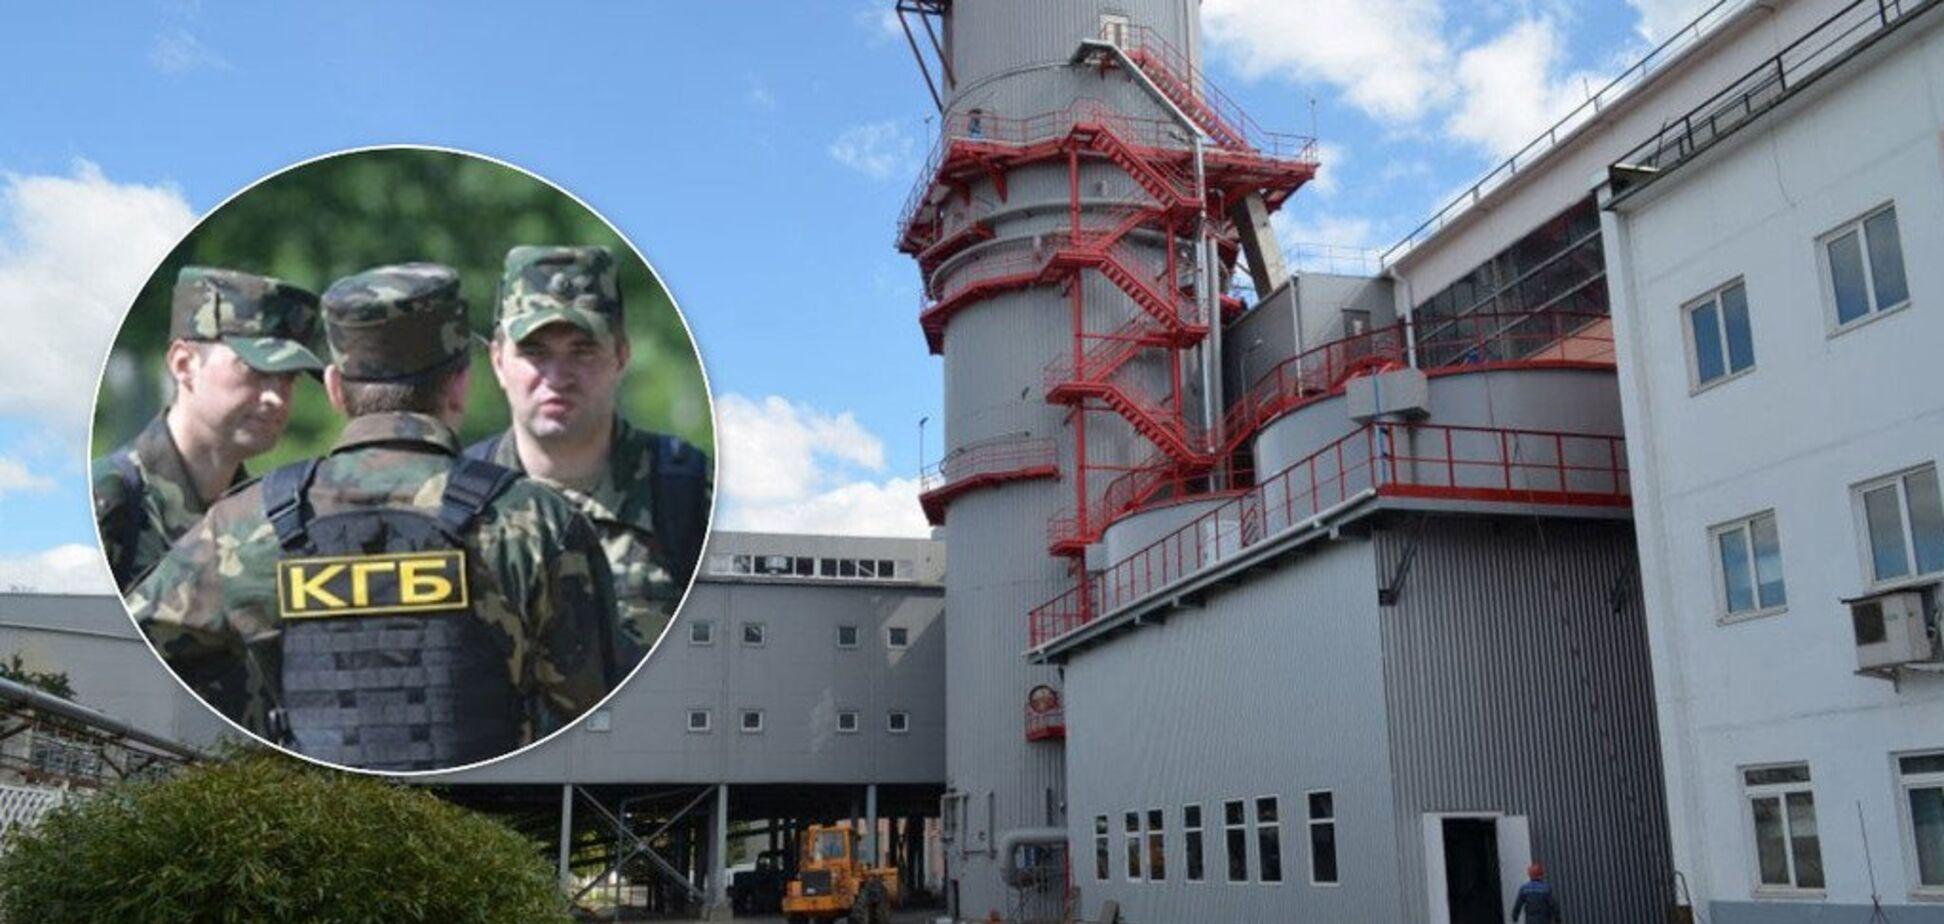 Облава? У Білорусі раптово зникли директори всіх цукрових заводів